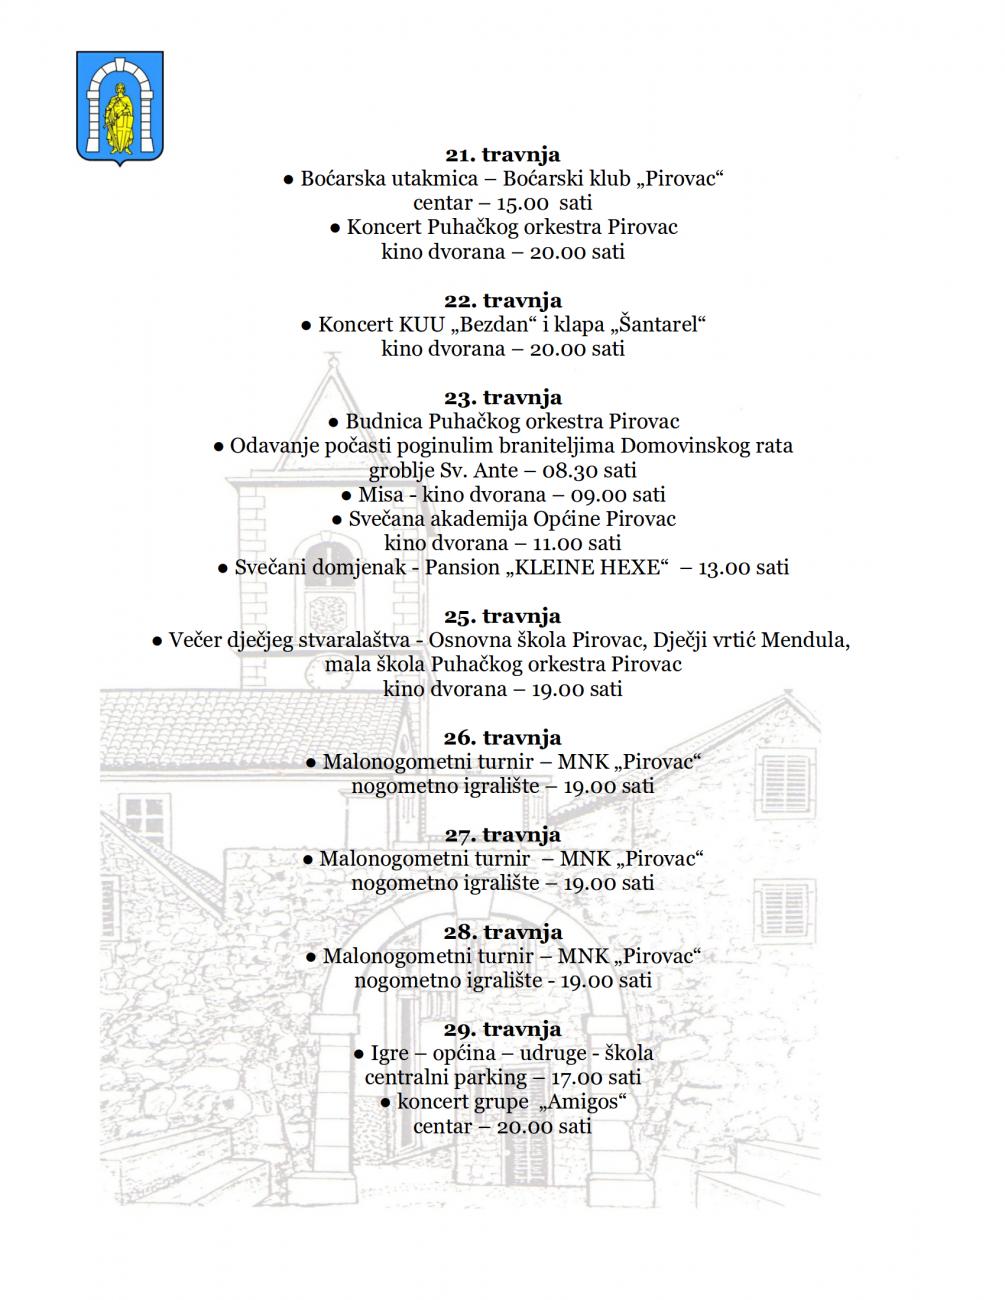 Program-Jurjevo 2018 - png